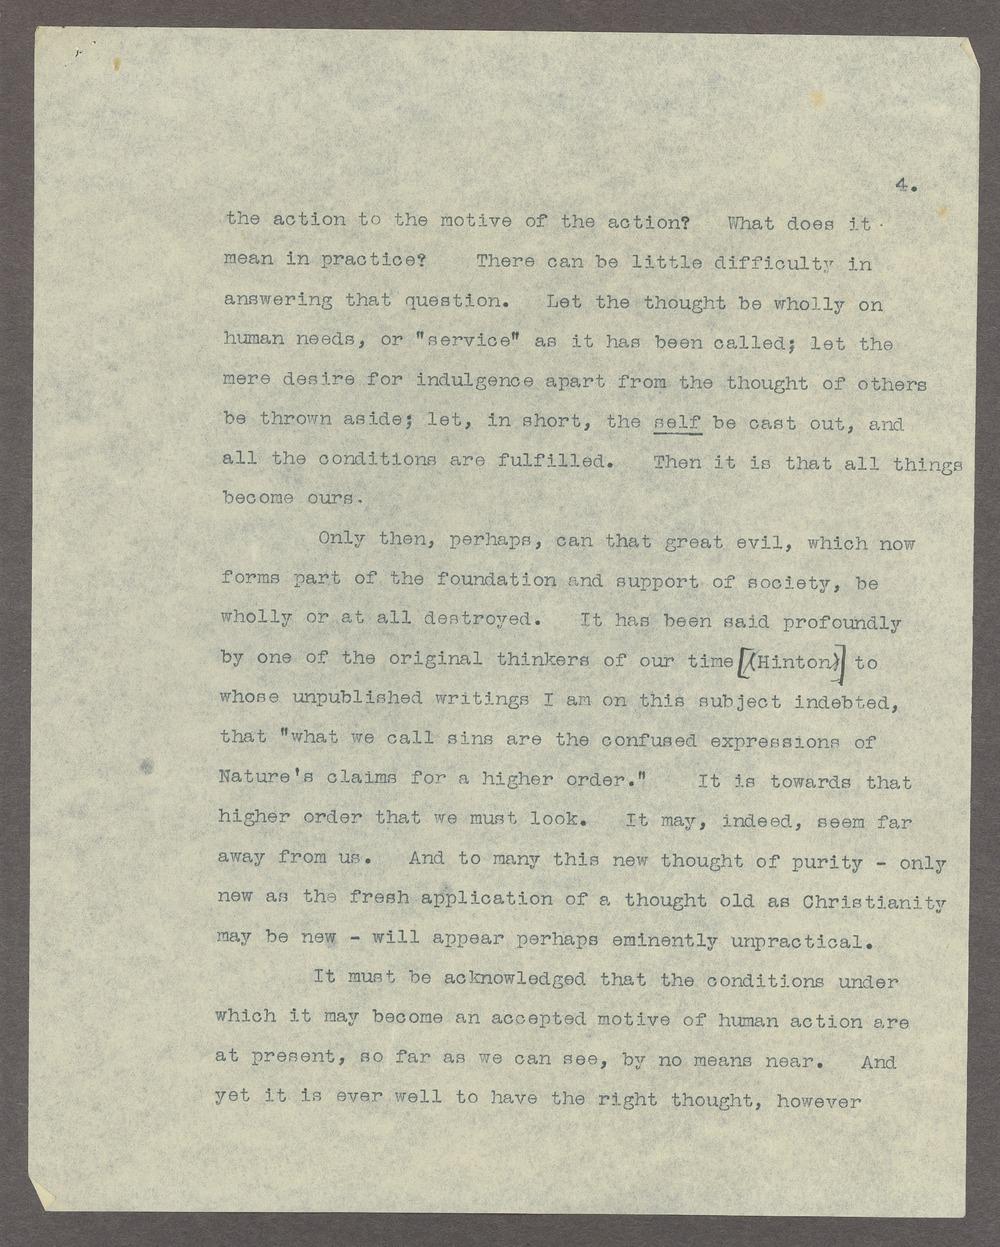 Henry Havelock Ellis papers - 4